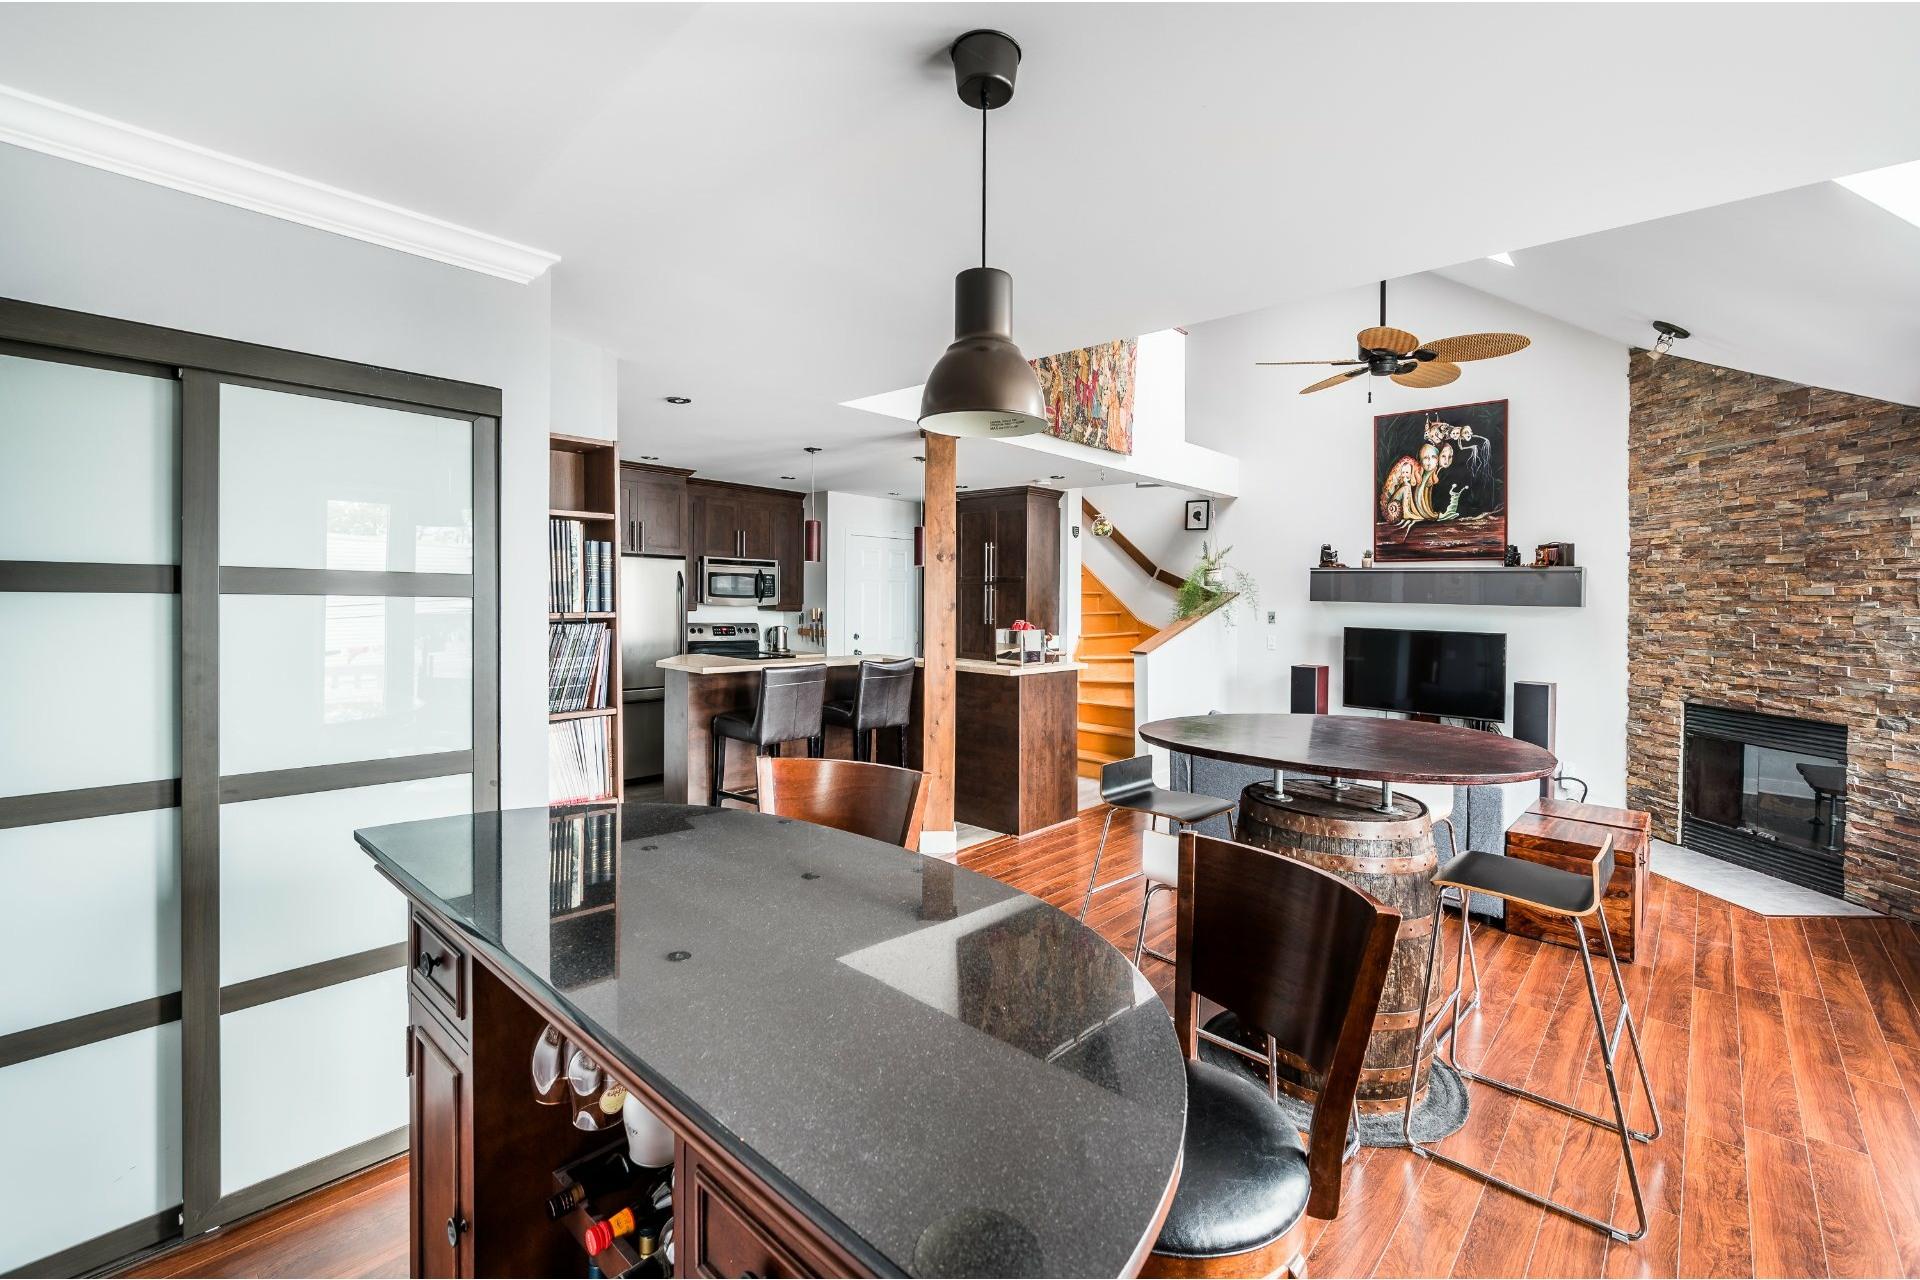 image 11 - Appartement À vendre Verdun/Île-des-Soeurs Montréal  - 5 pièces